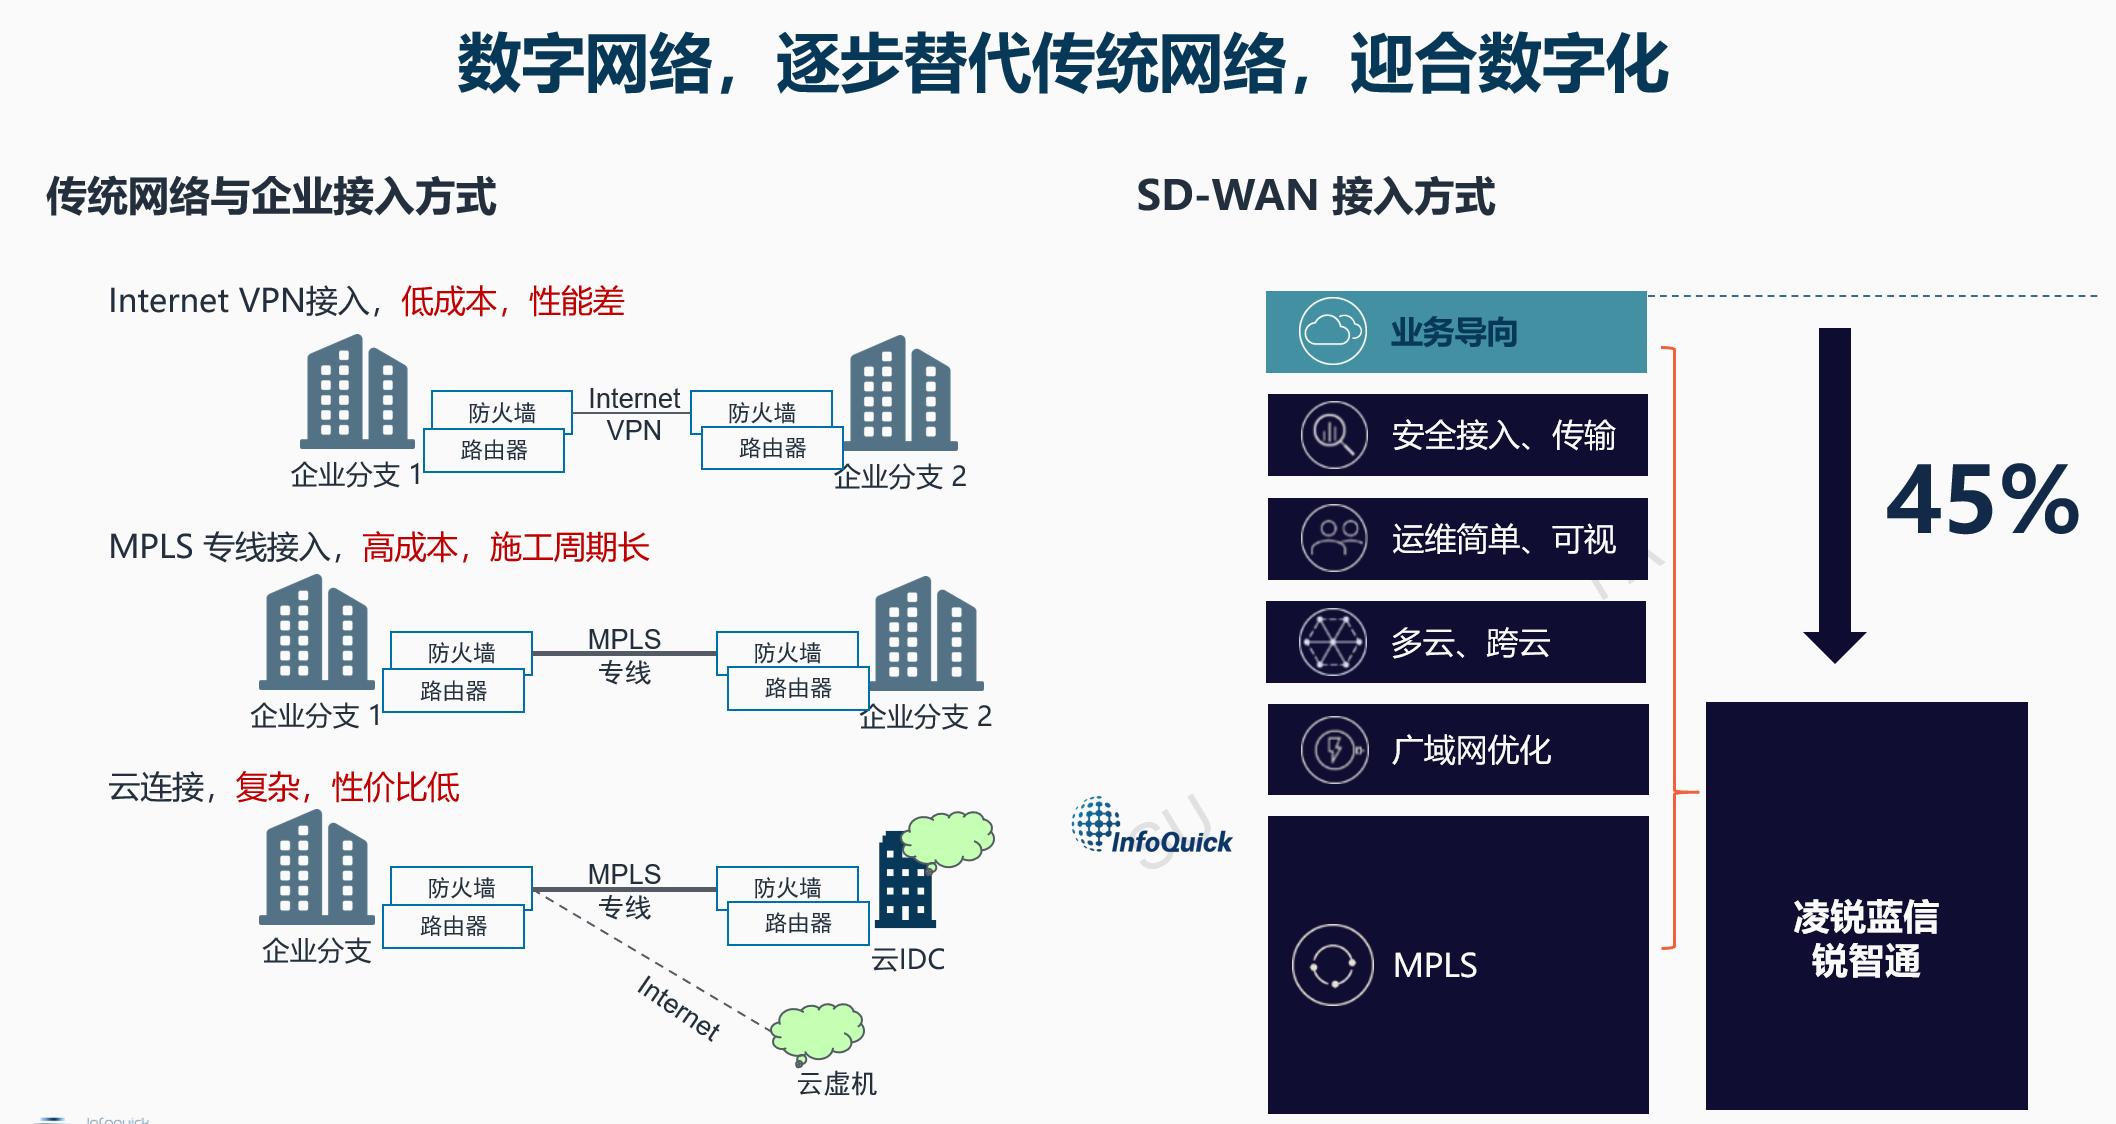 36氪首发 | 做距离业务更近的「SD-WAN」解决方案,凌锐蓝信获国家队数千万元A轮融资